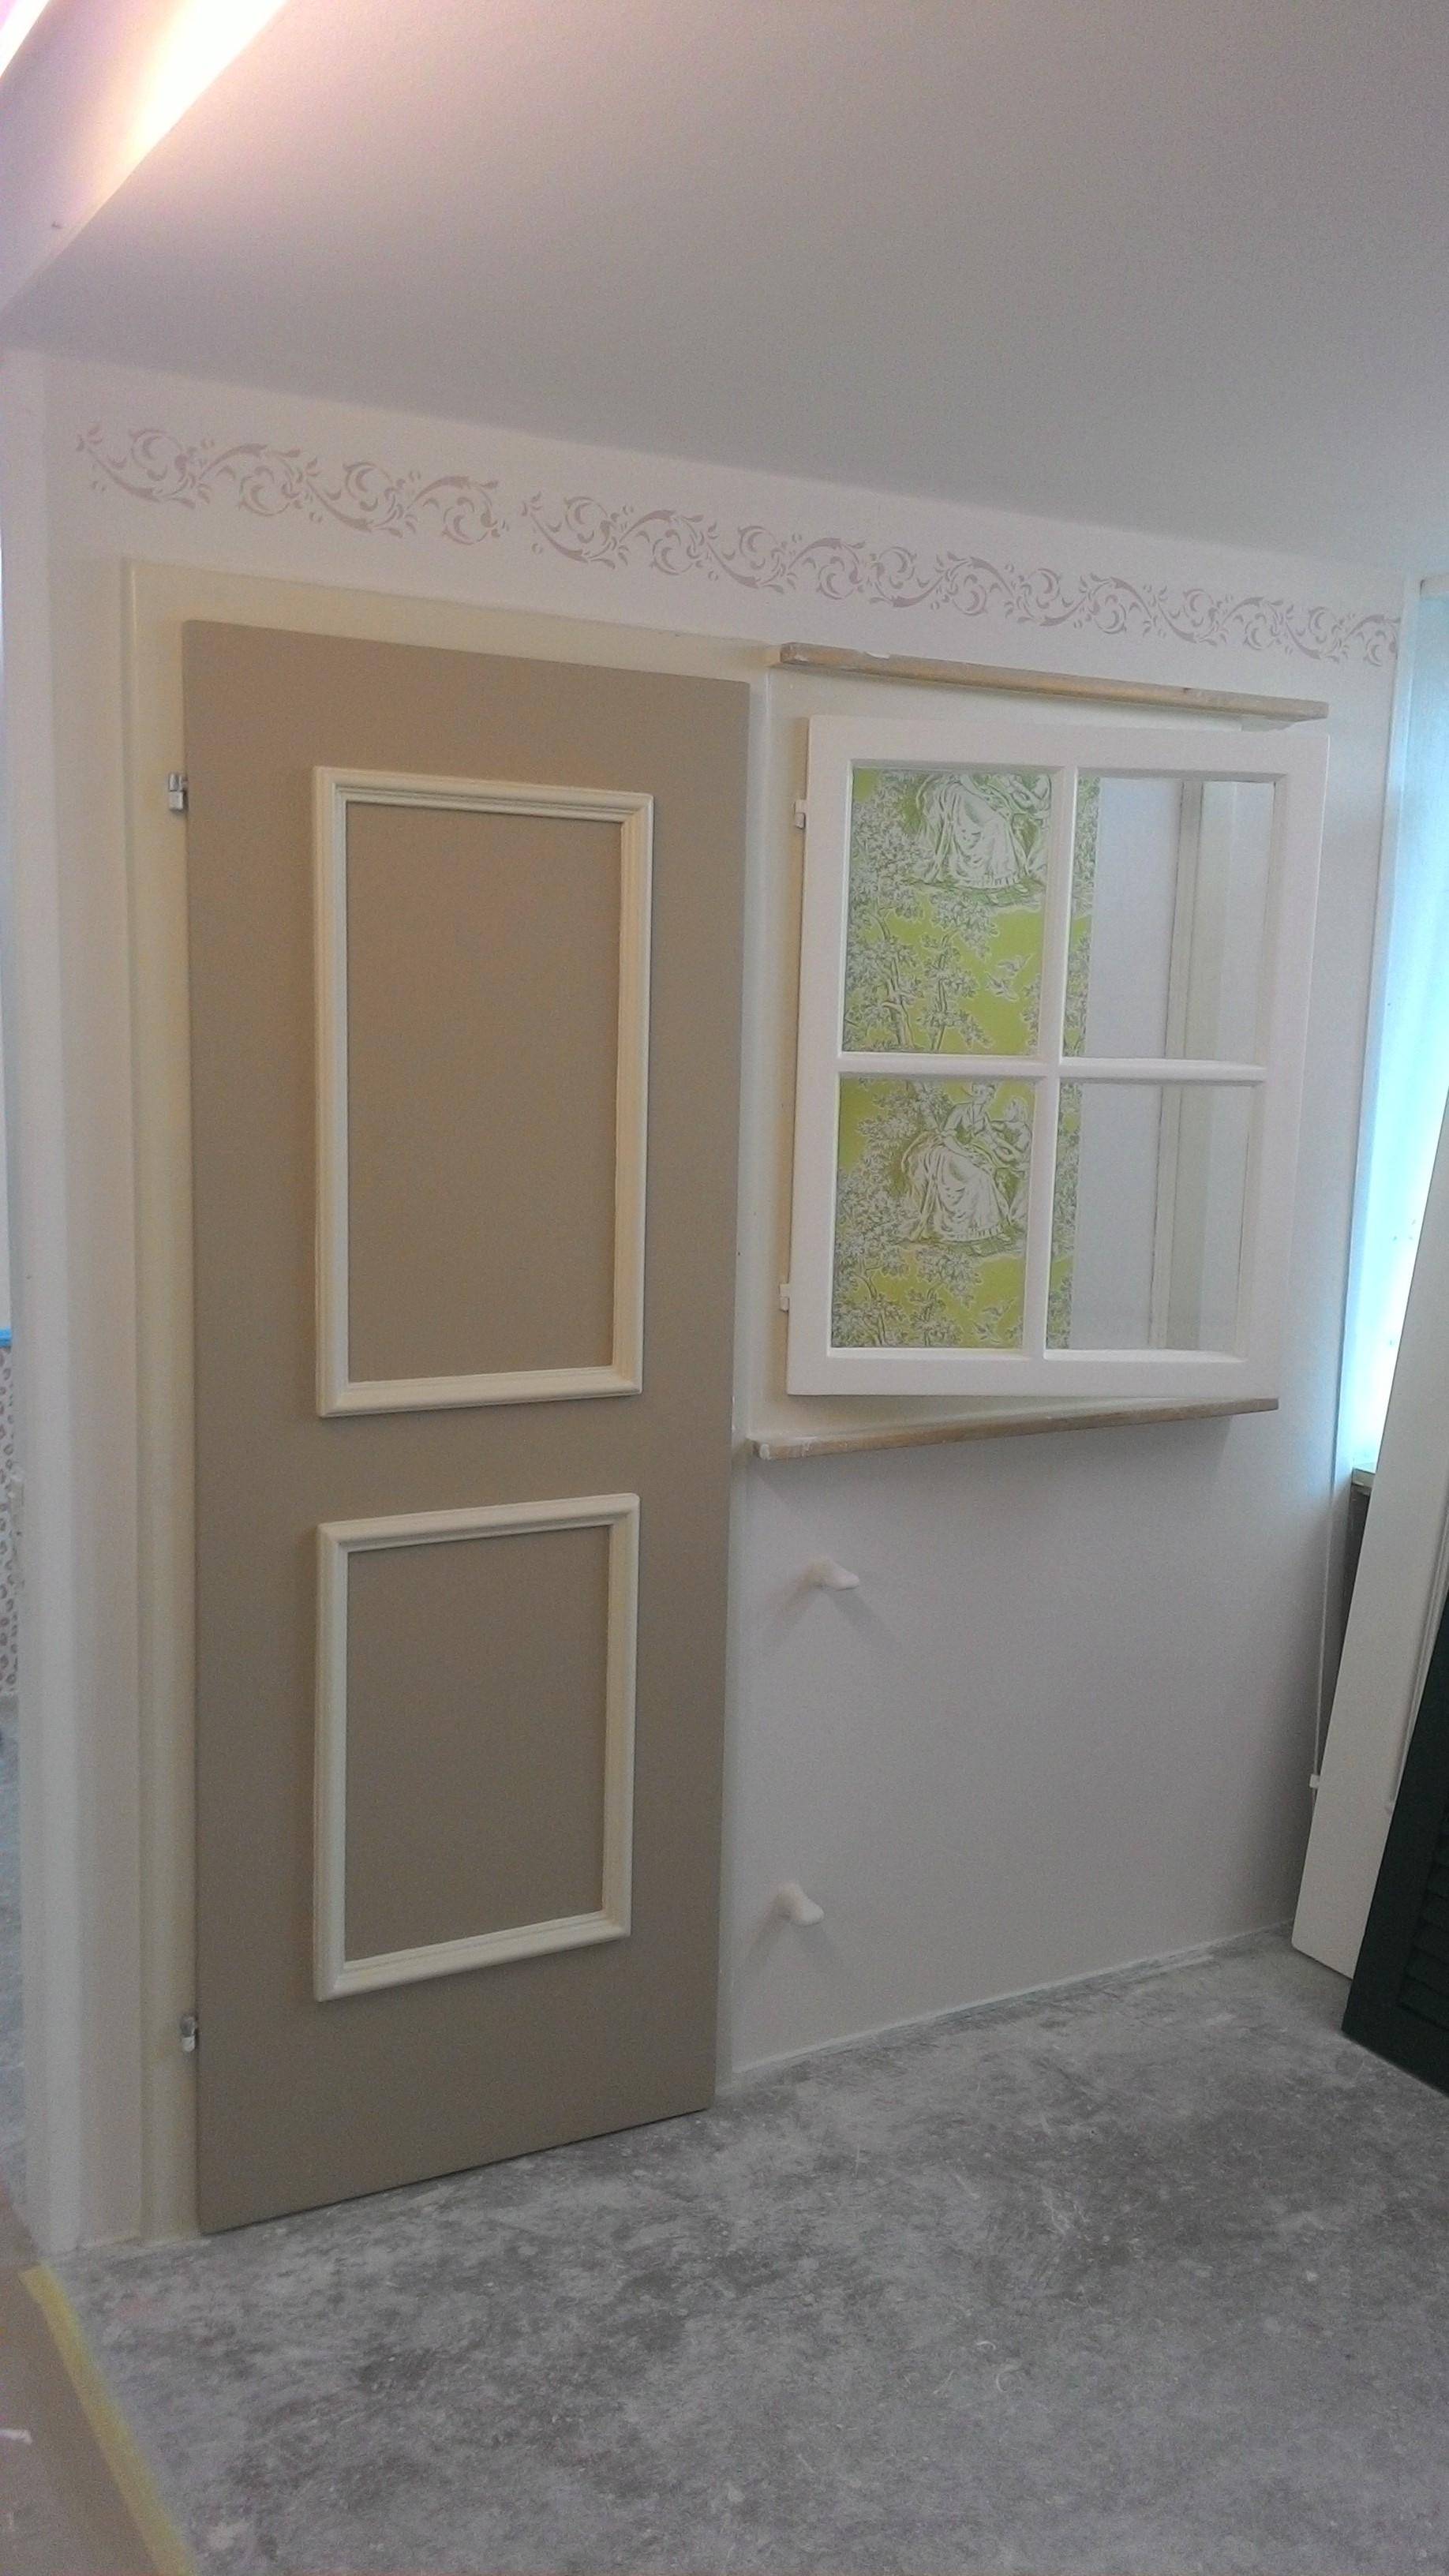 tapezieren fenster finest mit rauhfaser tapezieren with tapezieren fenster simple fr ein. Black Bedroom Furniture Sets. Home Design Ideas